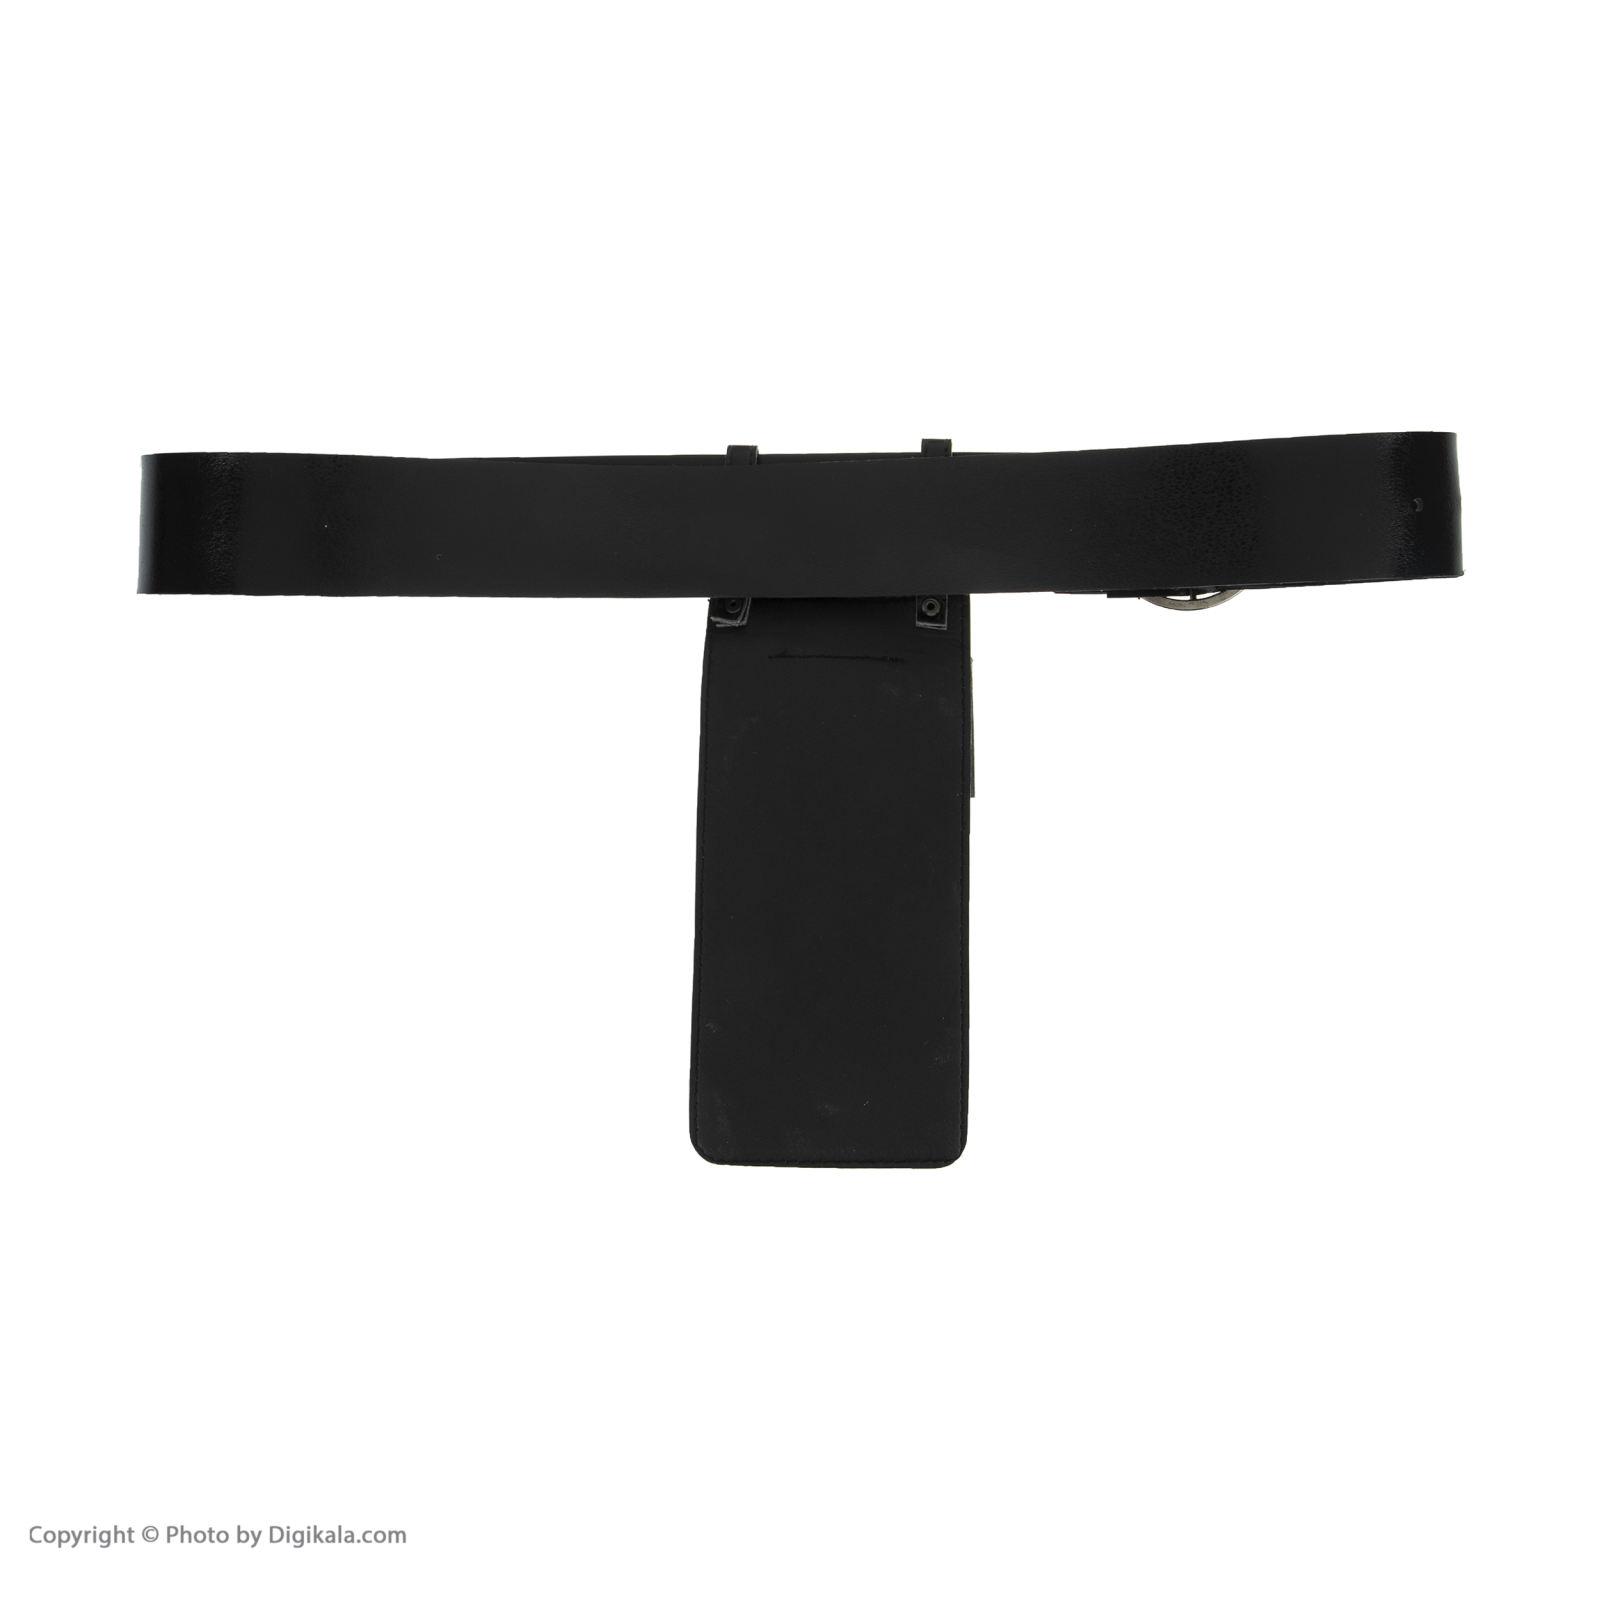 کیف کمری زنانه کد 904 -  - 5